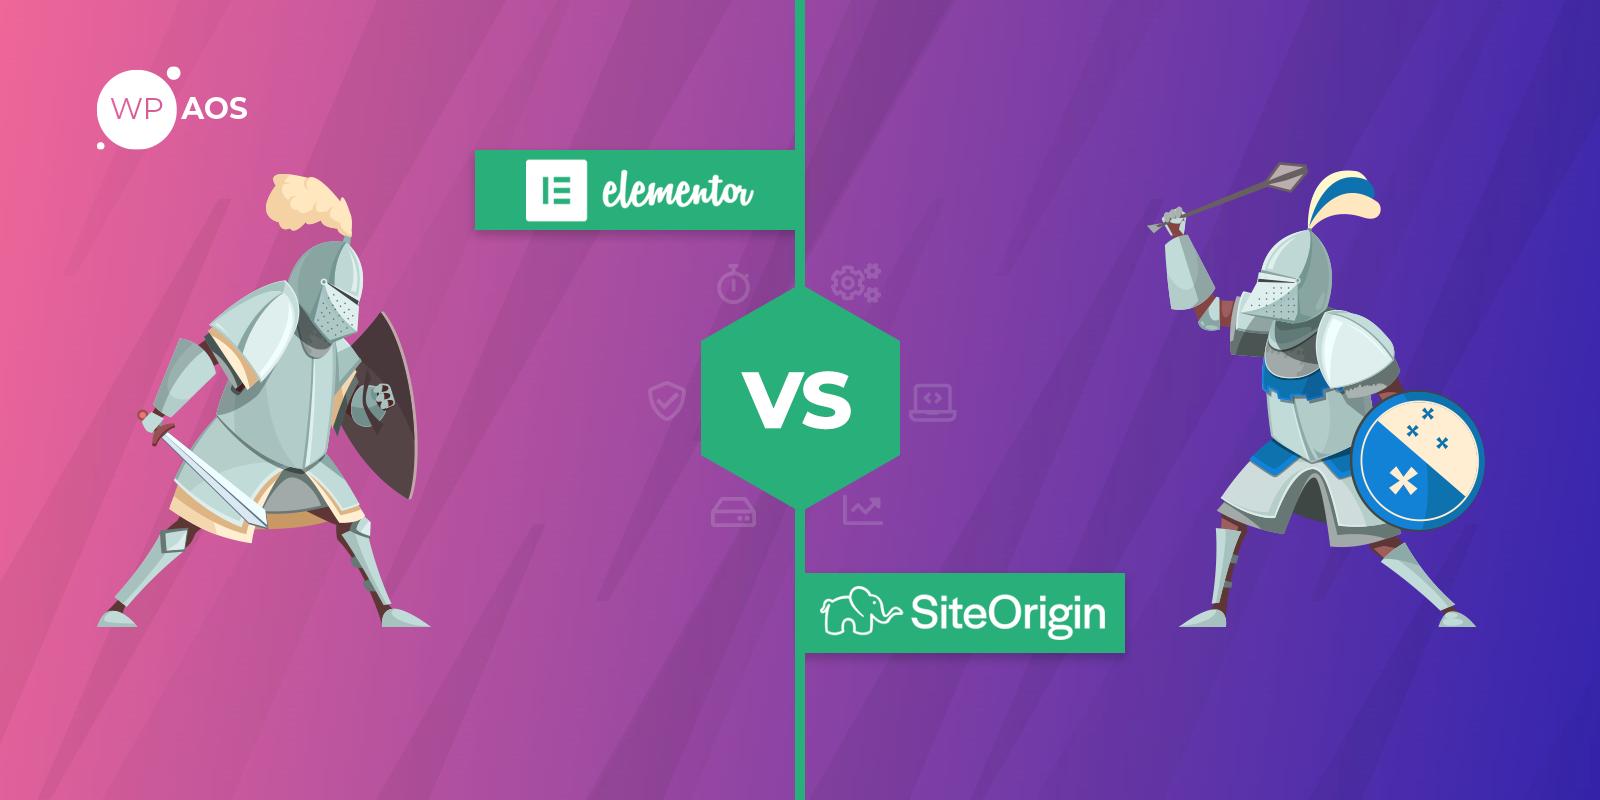 Elementor-VS-SiteOrigin